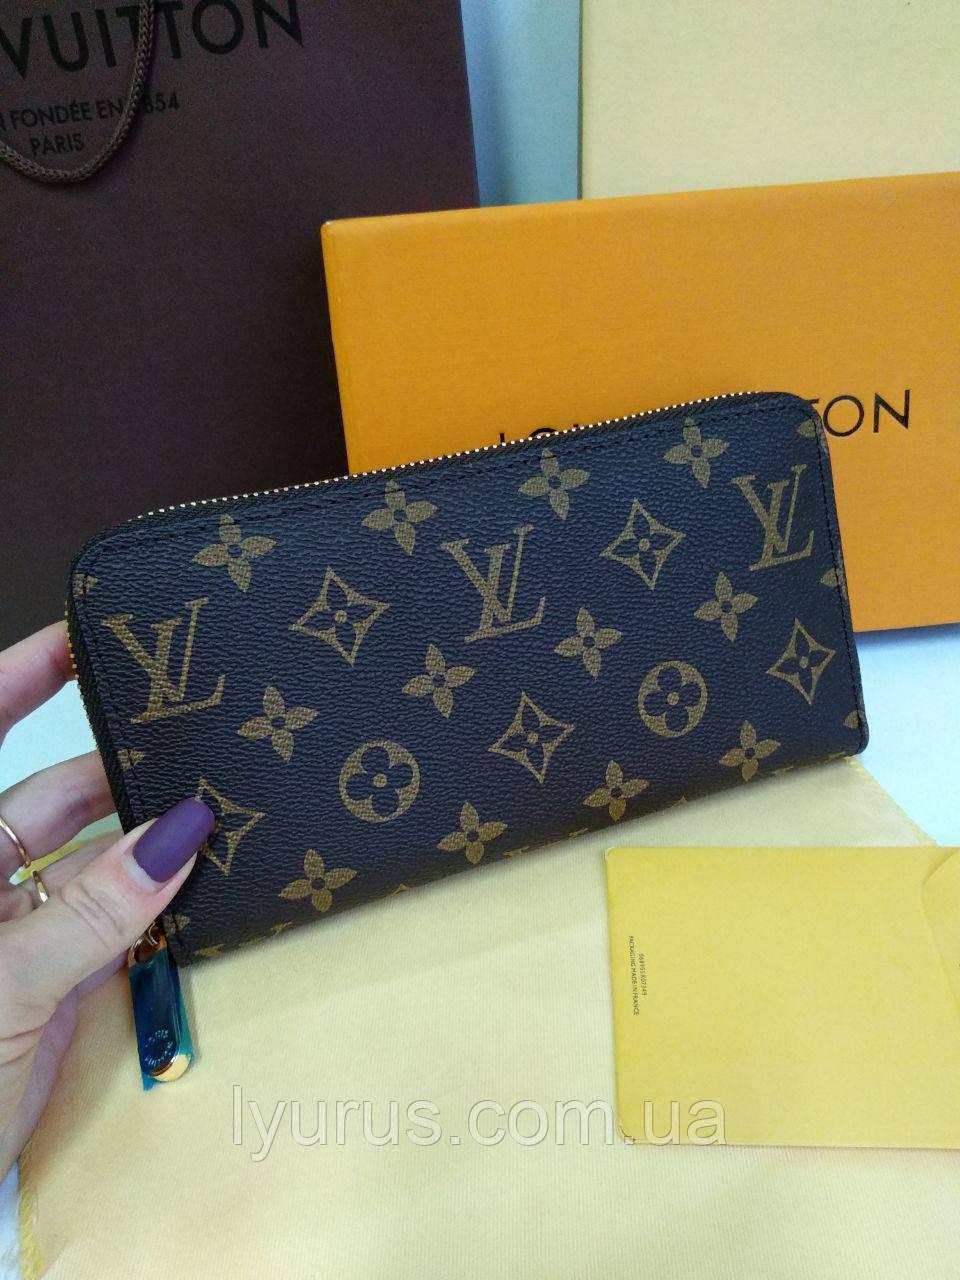 b14605e024a0 Кожаный кошелек Louis Vuitton Луи Виттон - Интернет магазин LyuRus в Полтаве